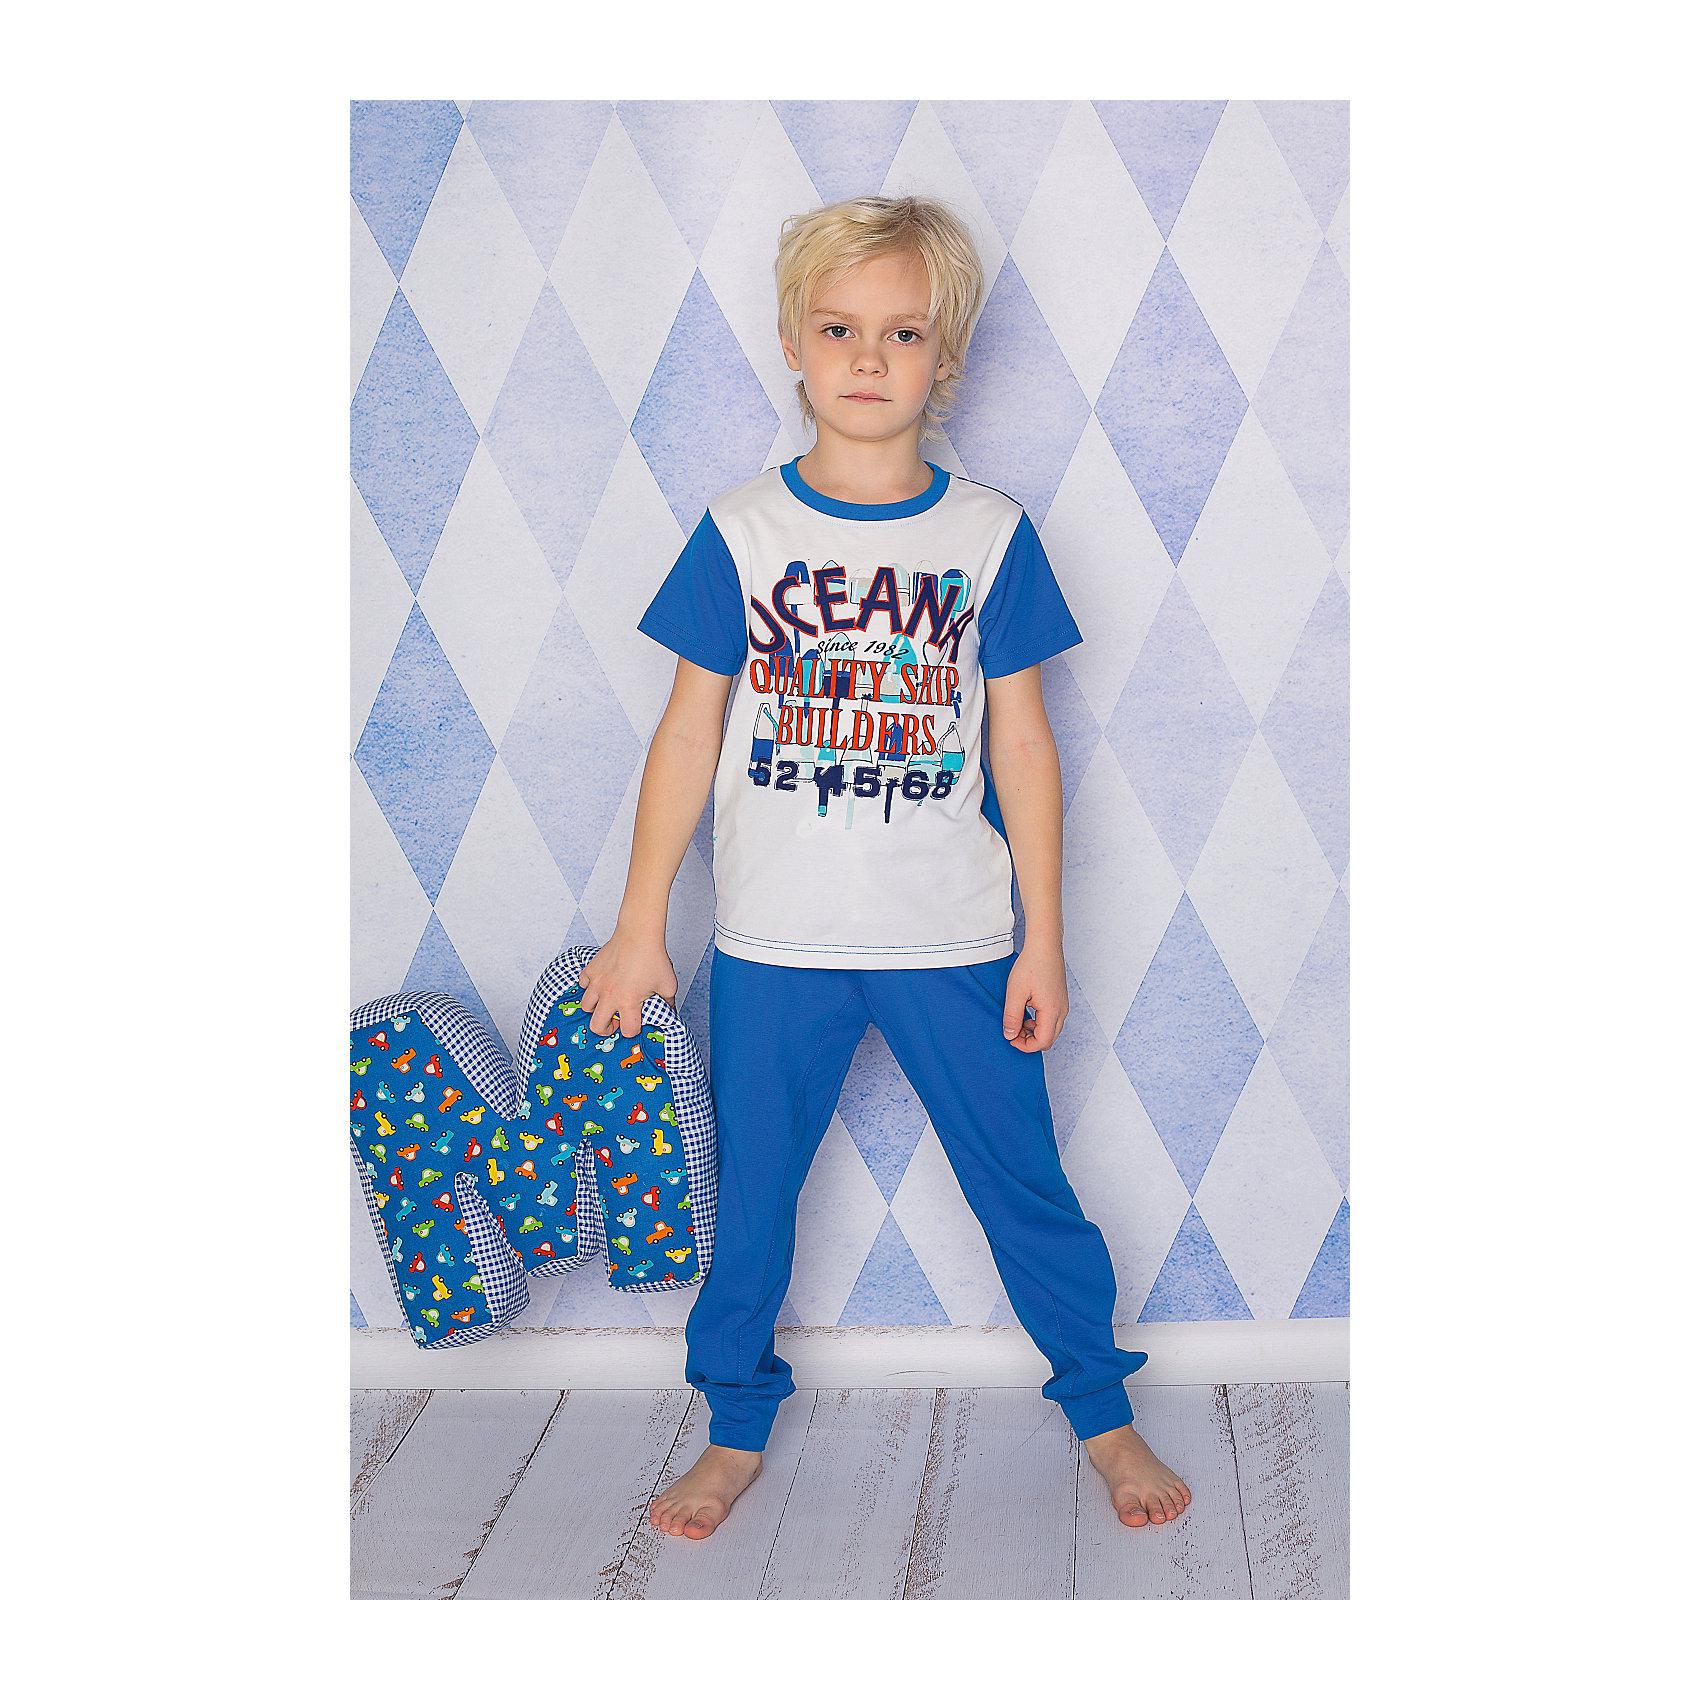 Комплект для мальчика: футболка, брюки Sweet BerryКомплекты<br>Комплект футболка и брюки из тонкого трикотажа для сна и дома. Брюки на поясе с внутренней резинкой и дополнительных хлопковым шнурком. Футболка украшена ярким принтом. Состав: 95% хлопок 5% эластан<br><br>Ширина мм: 281<br>Глубина мм: 70<br>Высота мм: 188<br>Вес г: 295<br>Цвет: белый/синий<br>Возраст от месяцев: 72<br>Возраст до месяцев: 84<br>Пол: Мужской<br>Возраст: Детский<br>Размер: 122,110,104,116,134,98,140,128<br>SKU: 4633046